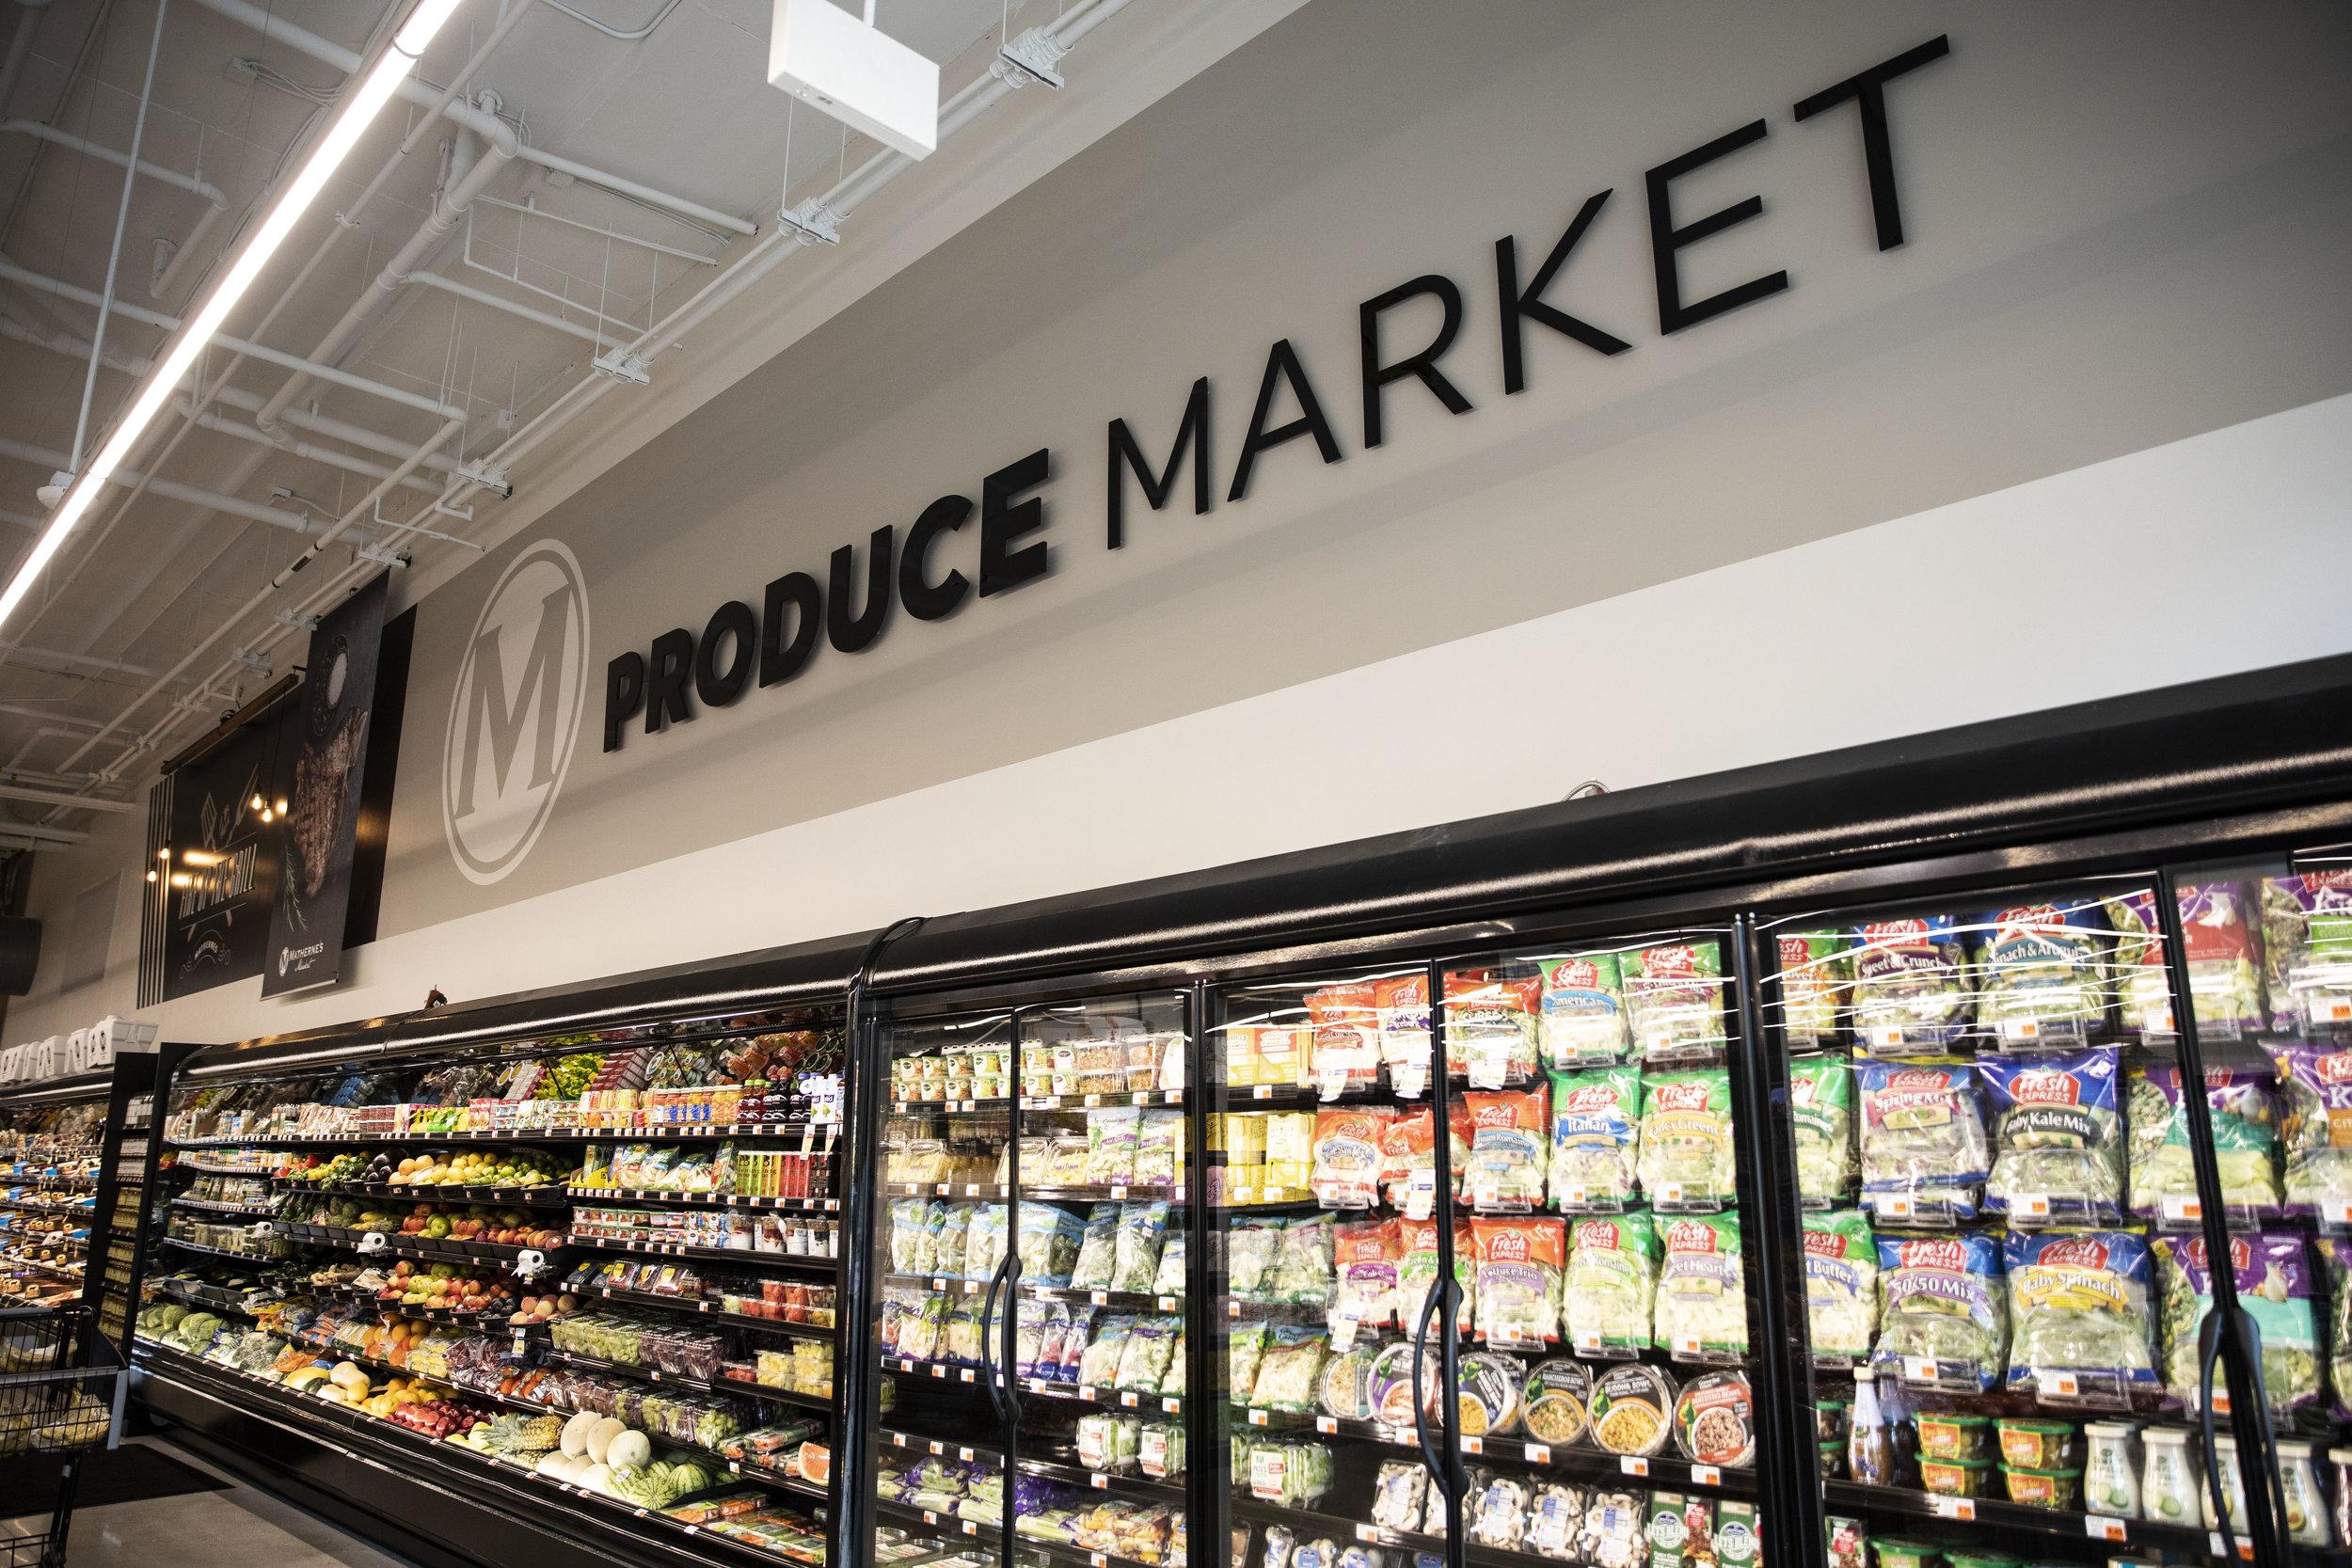 Marherne's Market